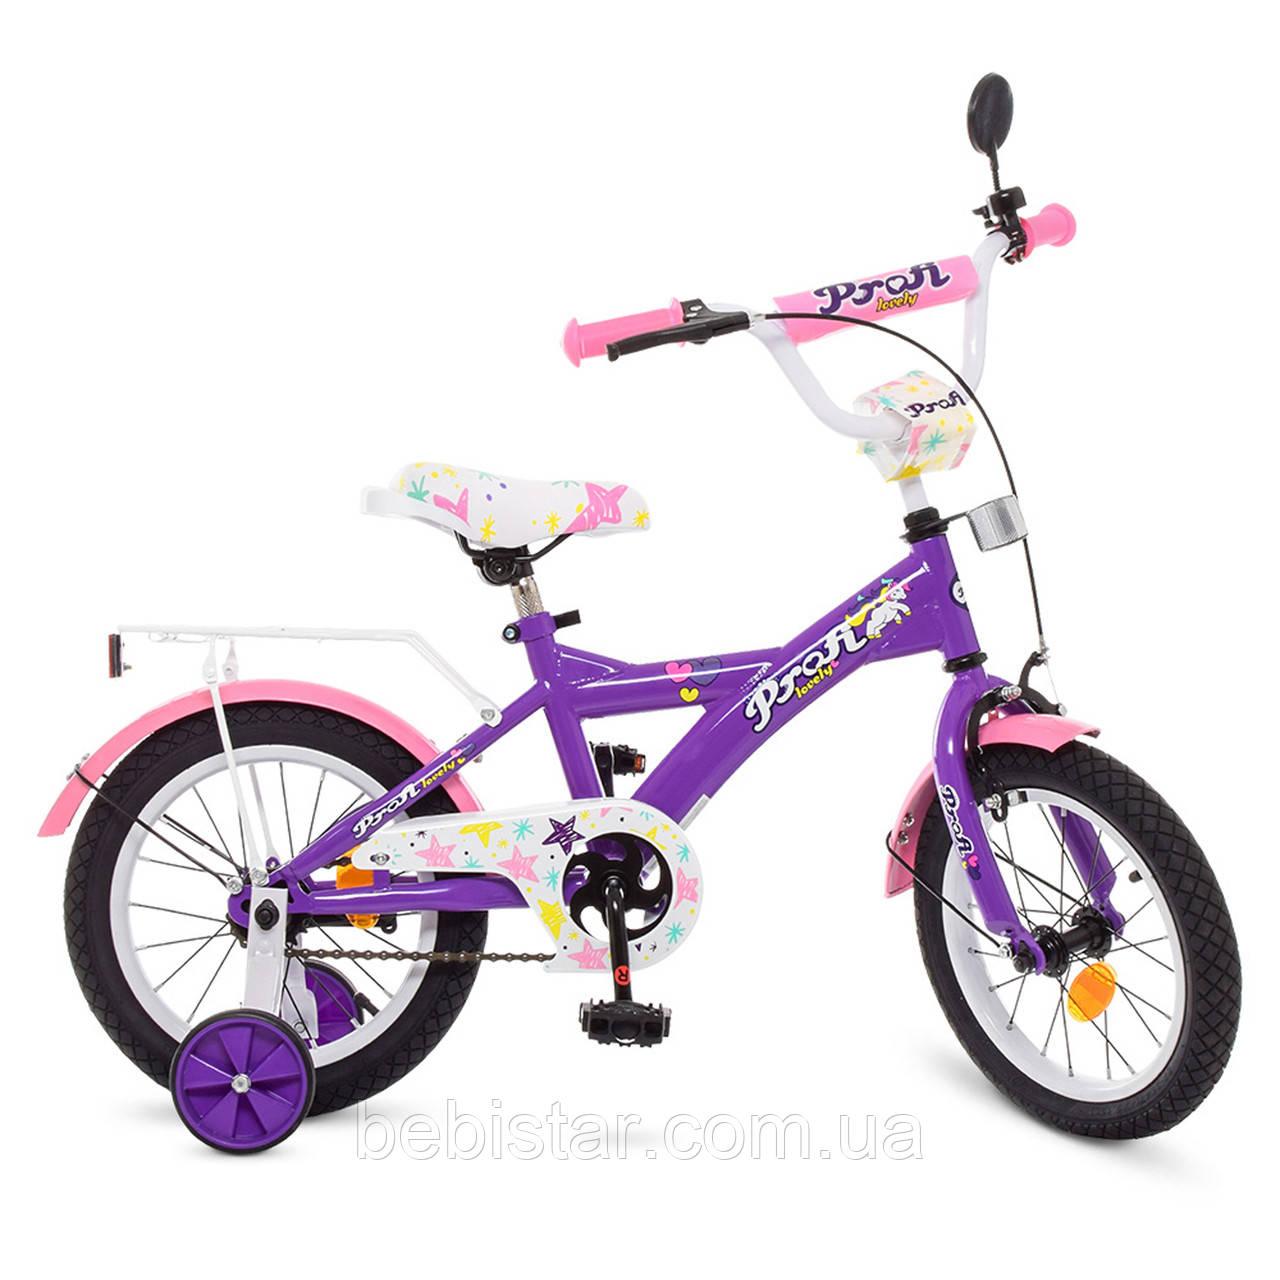 Двухколесный велосипед  PROF1 14 Т1463 детям 4-5 лет цвет фиолетовый